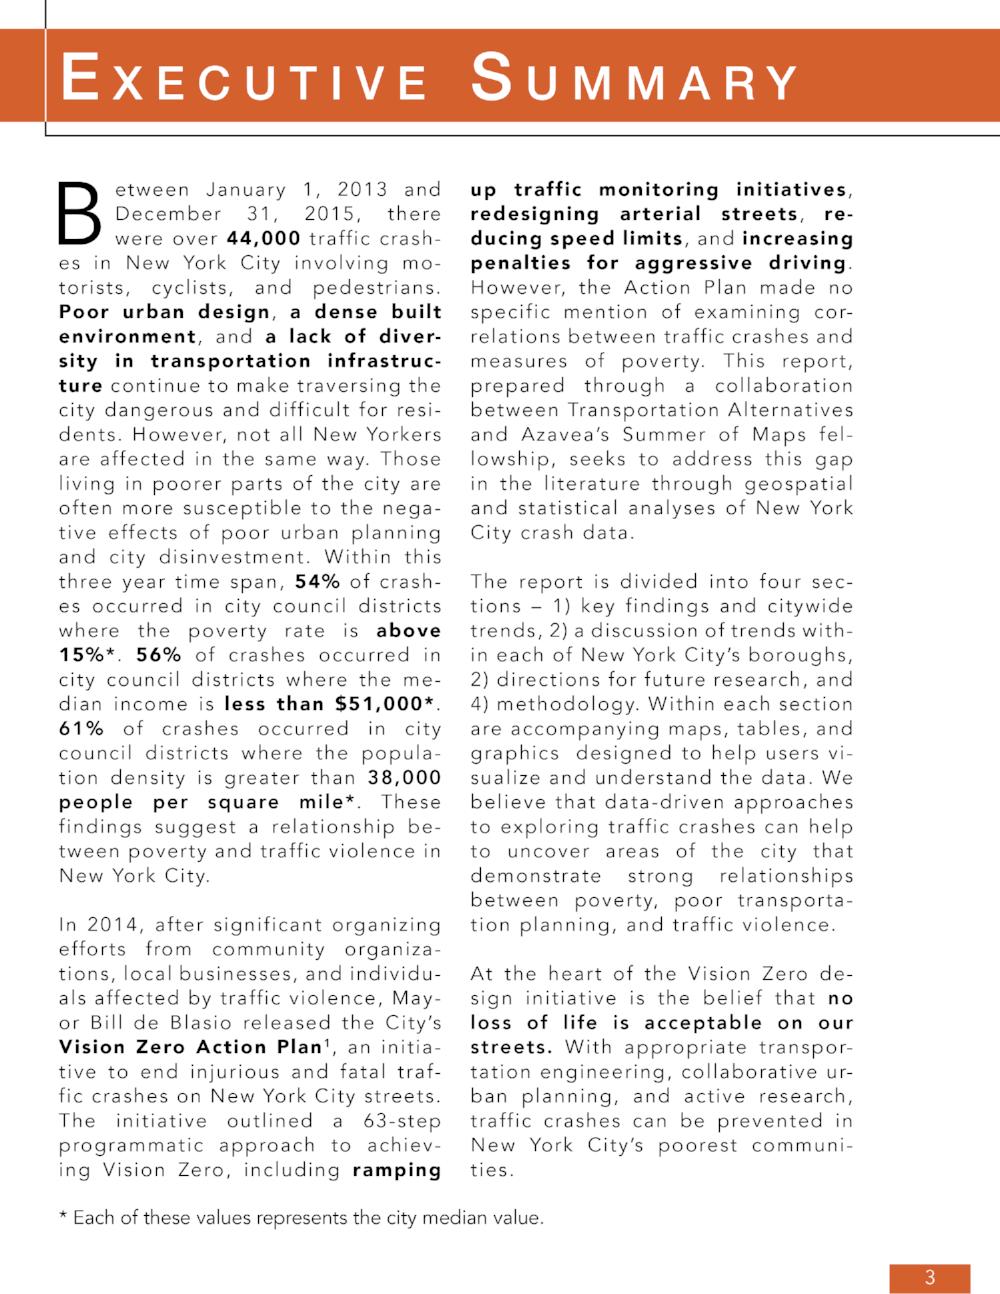 TransAlt_Report3.png